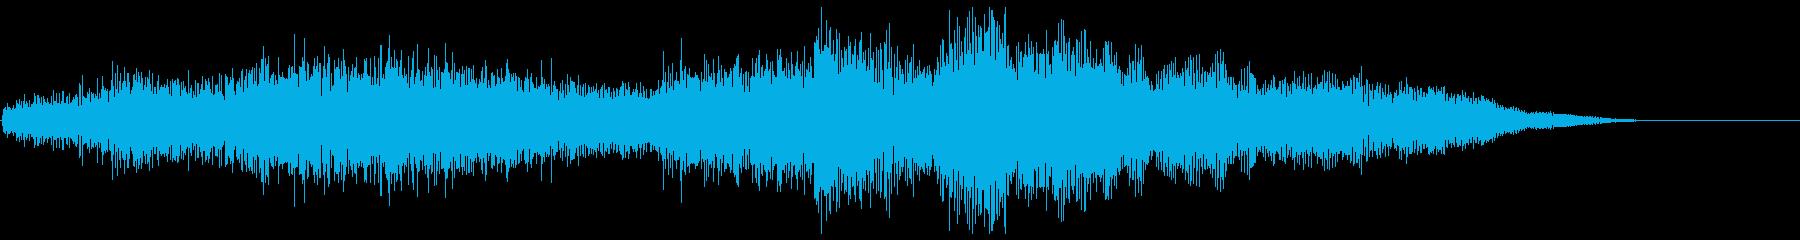 ヘビーメタルムーブメント2の再生済みの波形